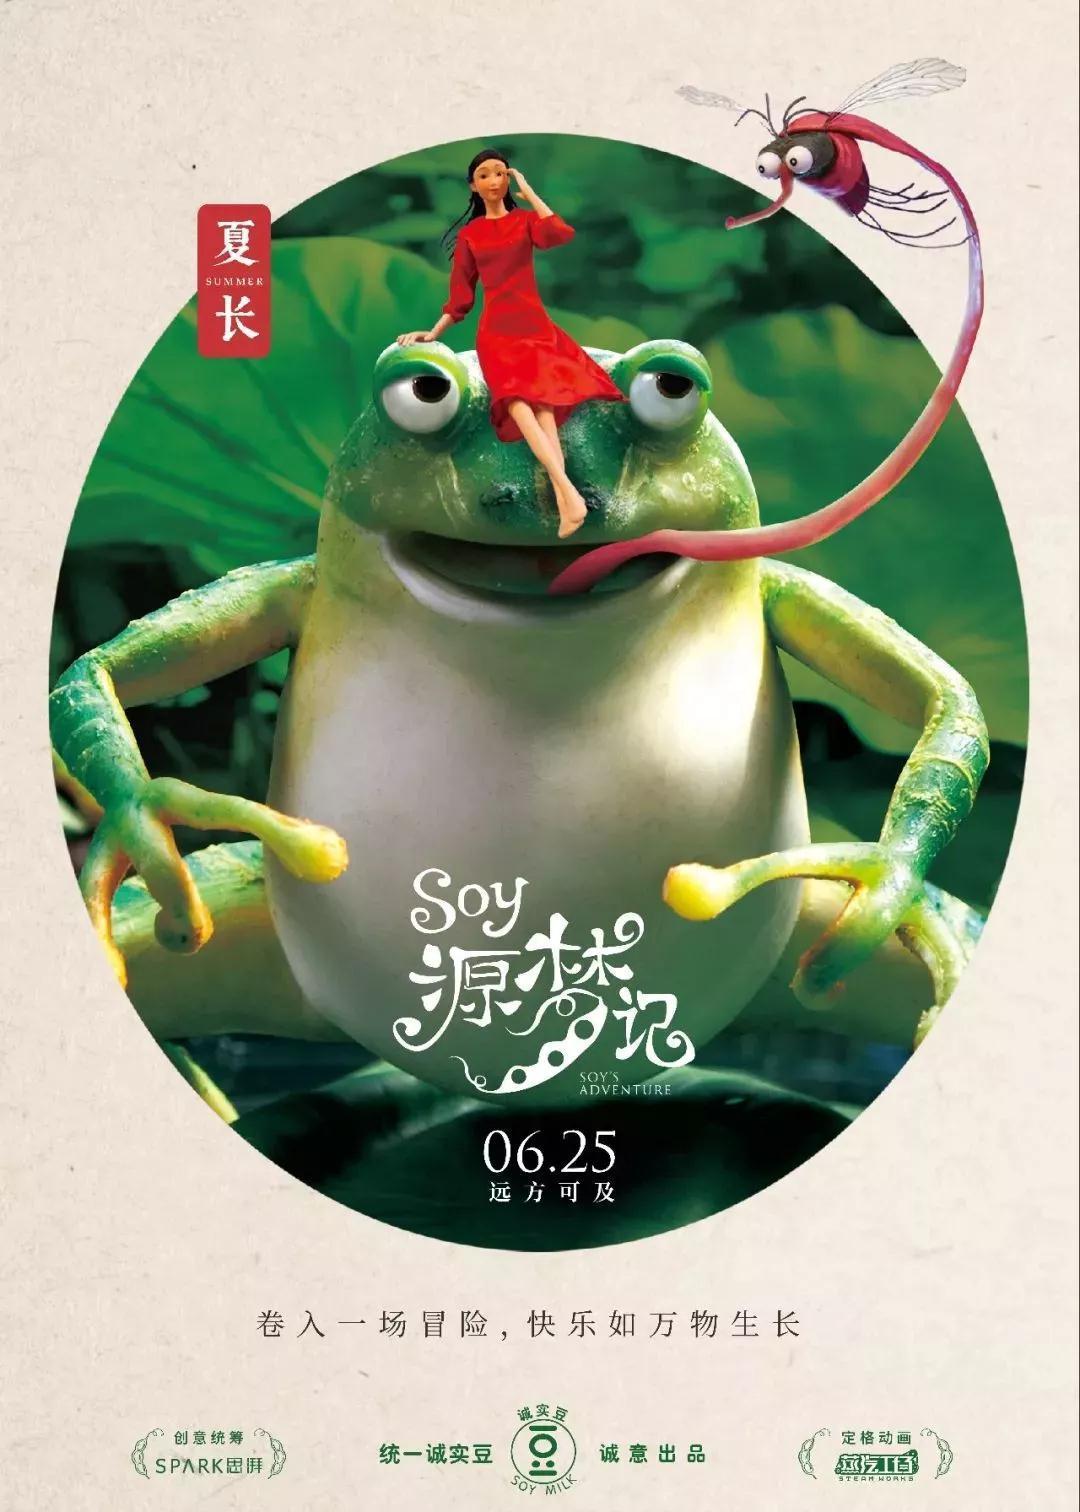 定格动画《soy源梦记》,一场逃离996的冒险!插图4